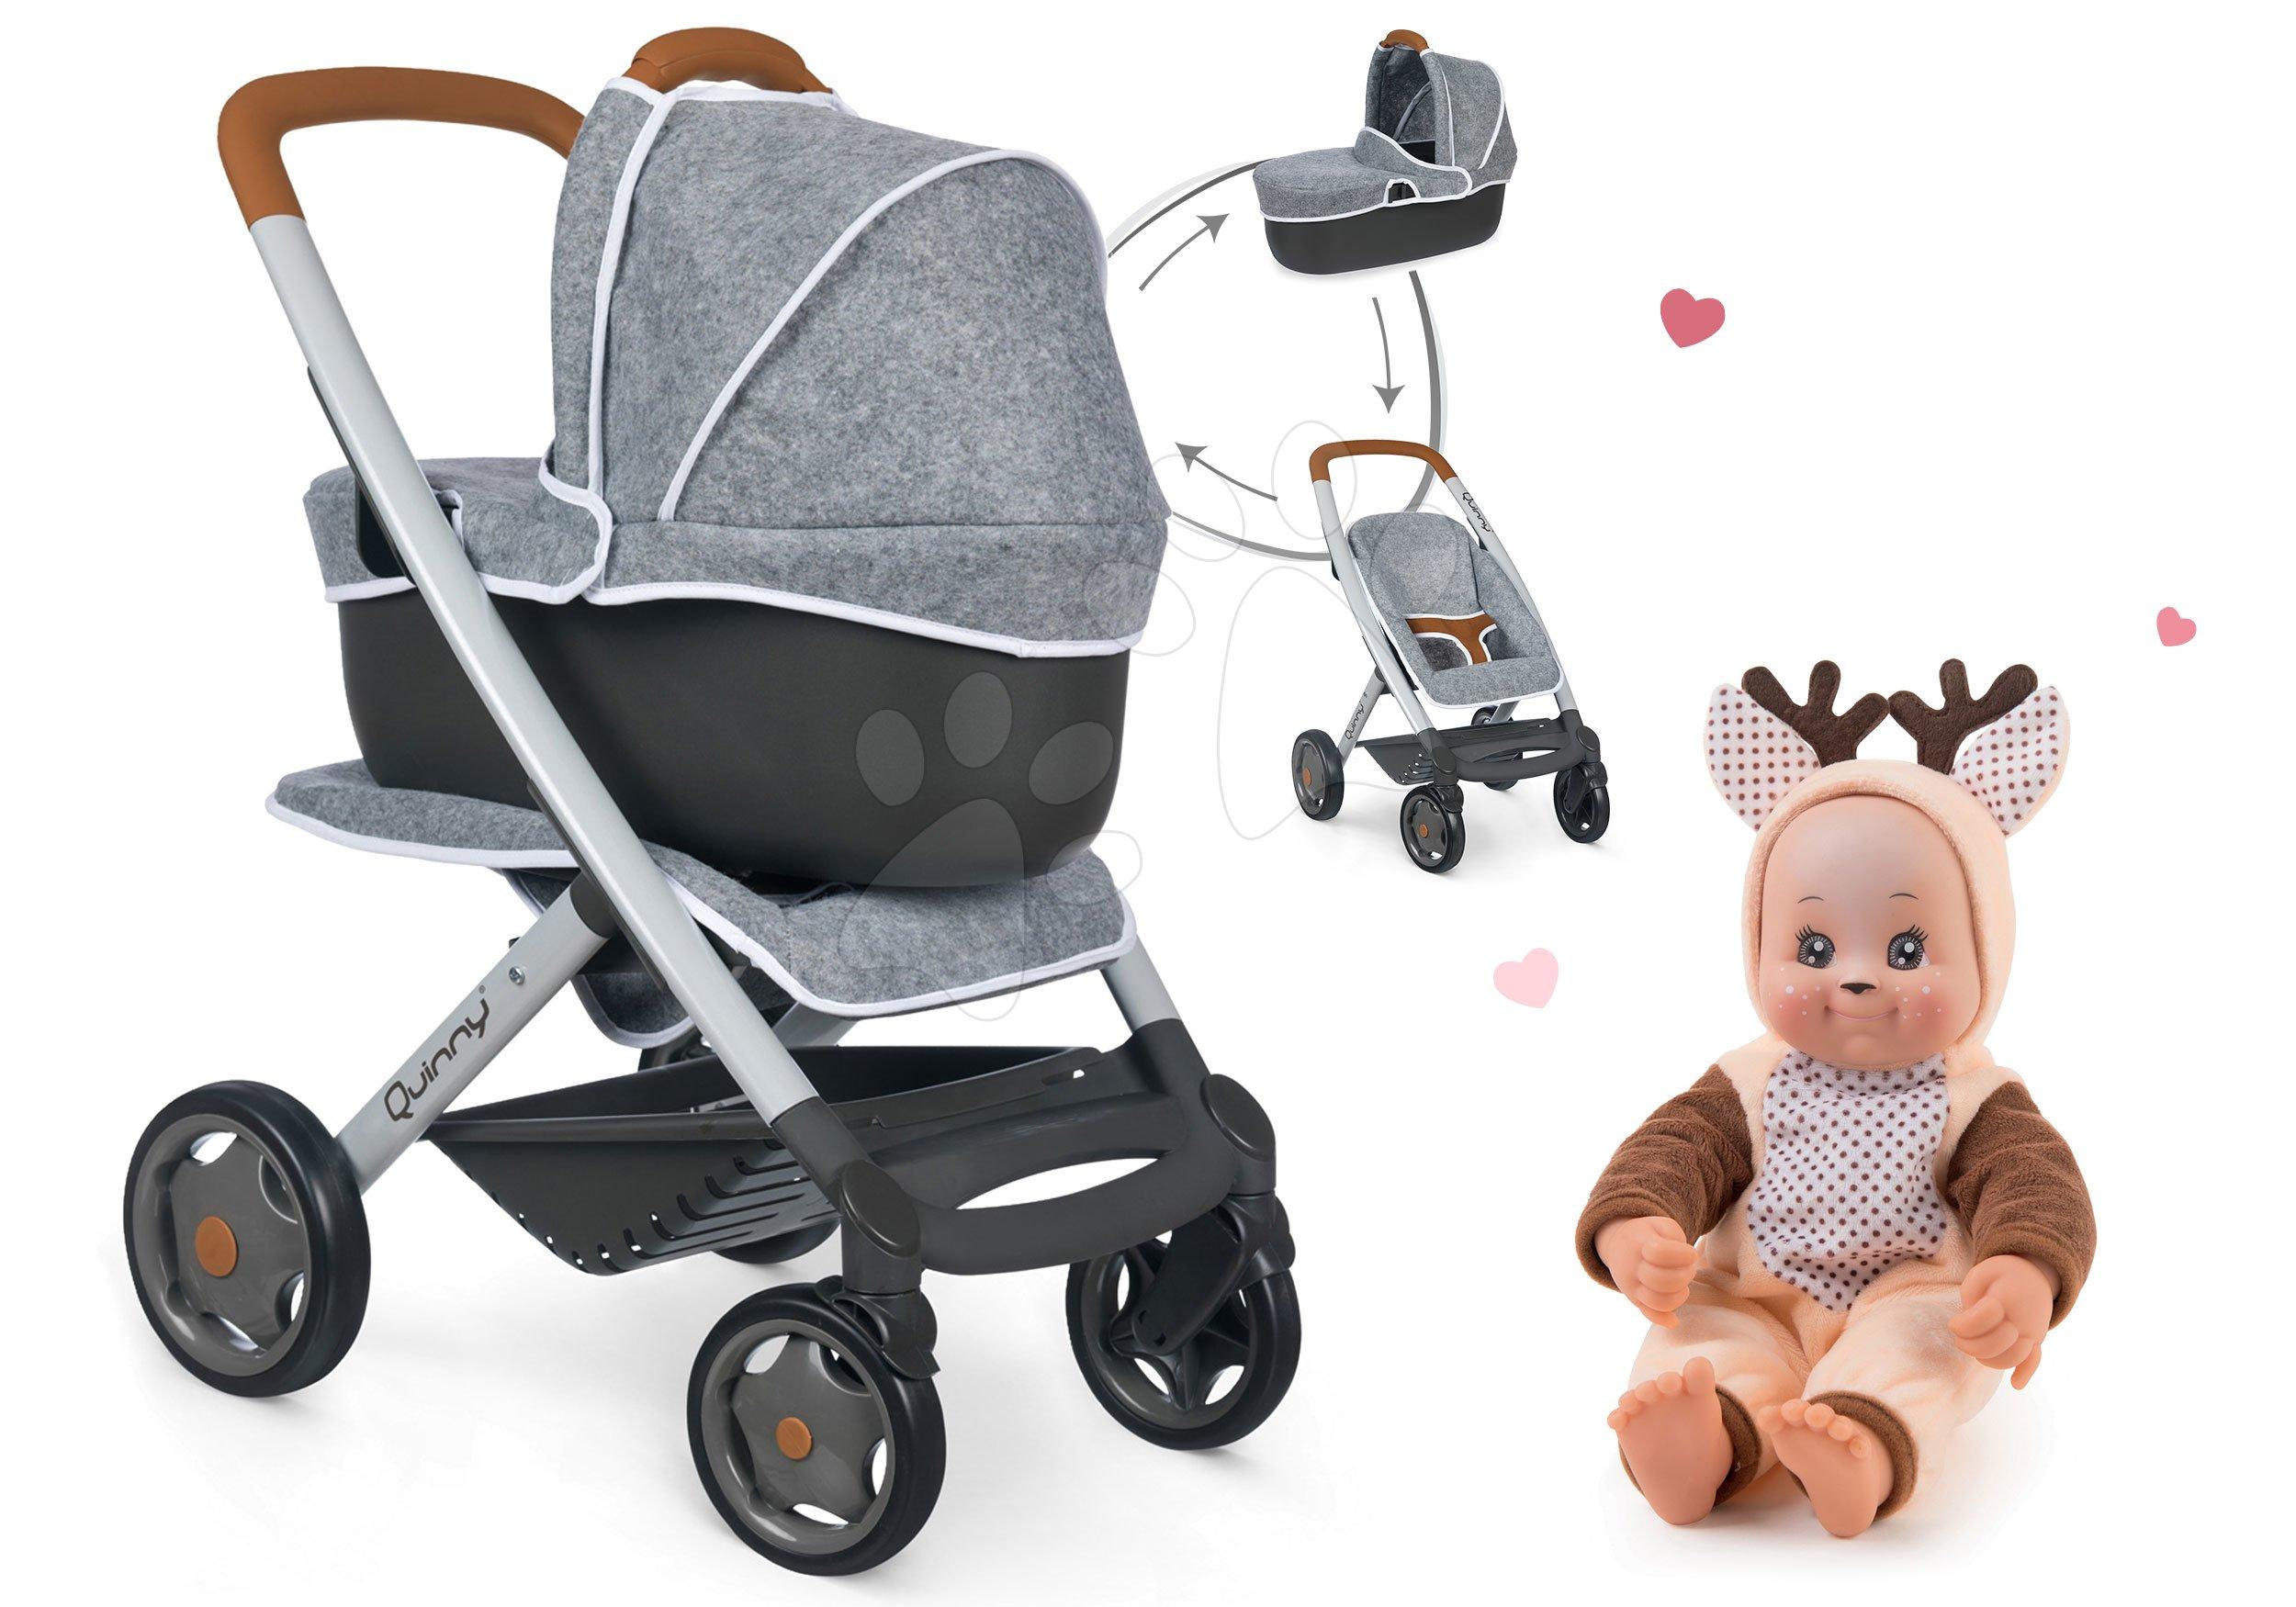 Set cărucior adânc și sportiv DeLuxe Pastel Maxi Cosi&Quinny Grey 3în1 Smoby și păpușă în costumul Cerb Animal Doll MiniKiss 27 cm cu sunete